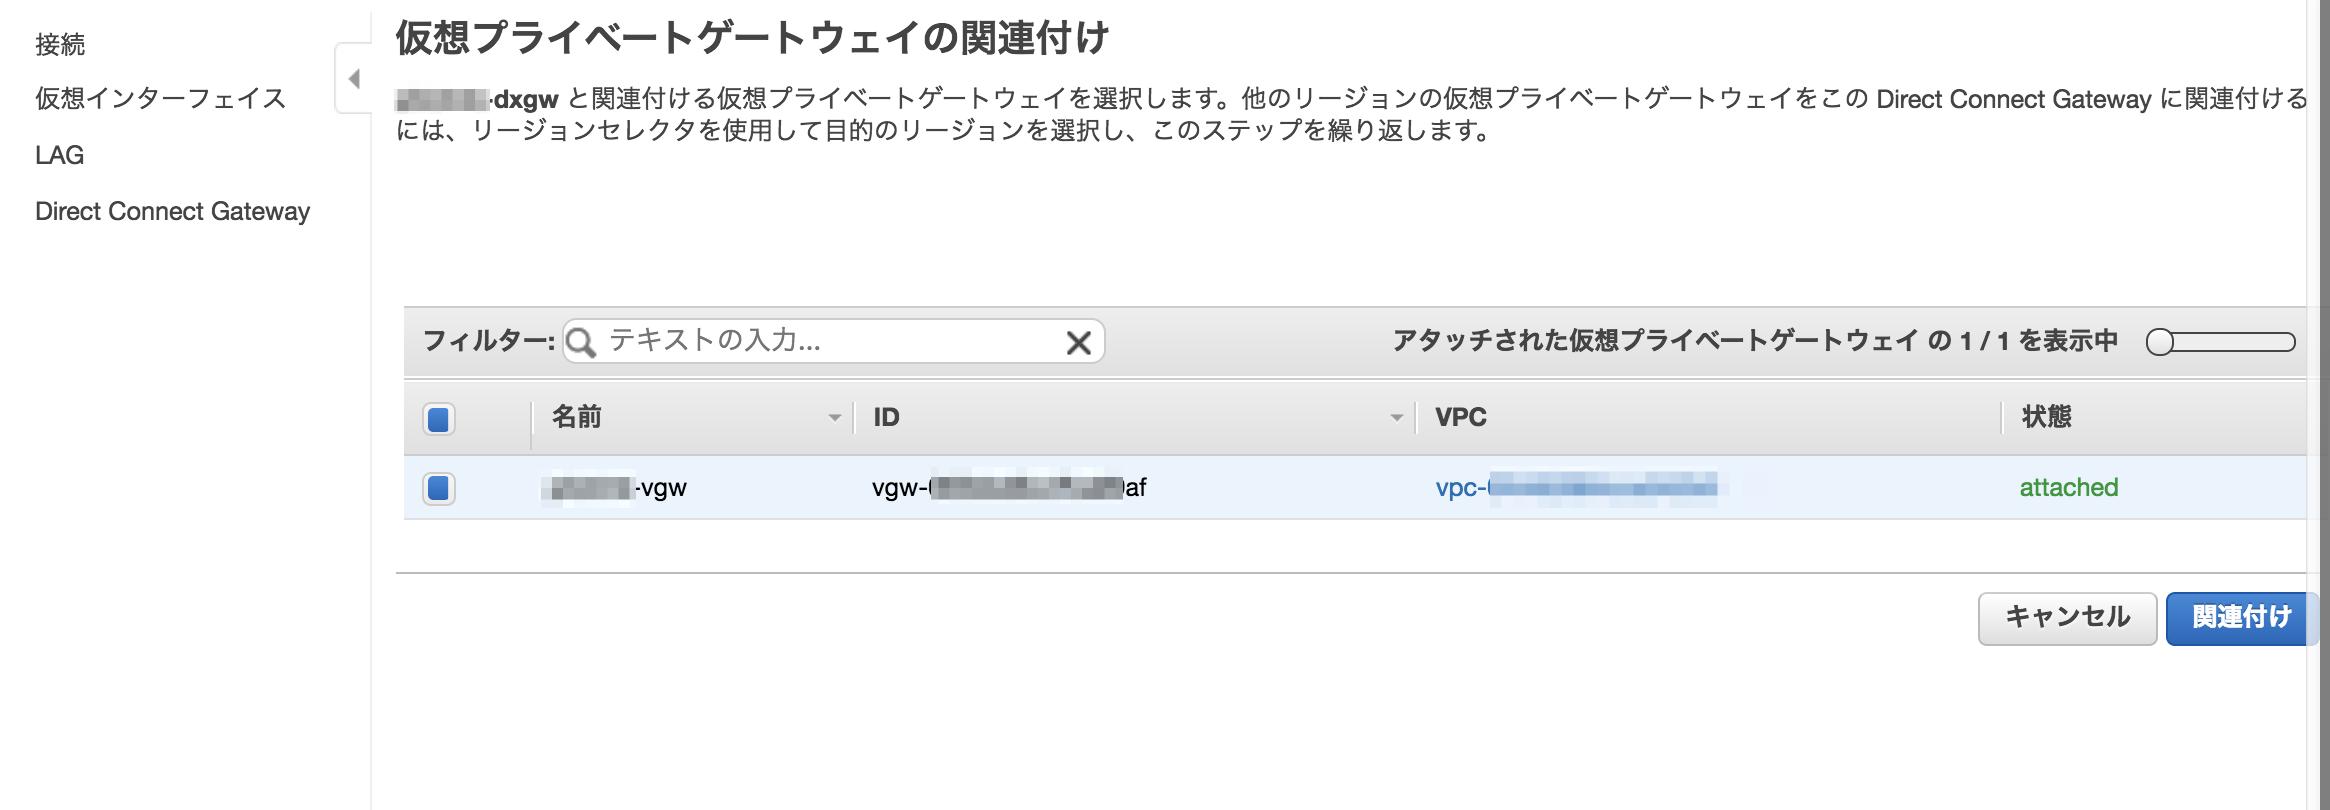 11-associate-dxgw-vgw-02